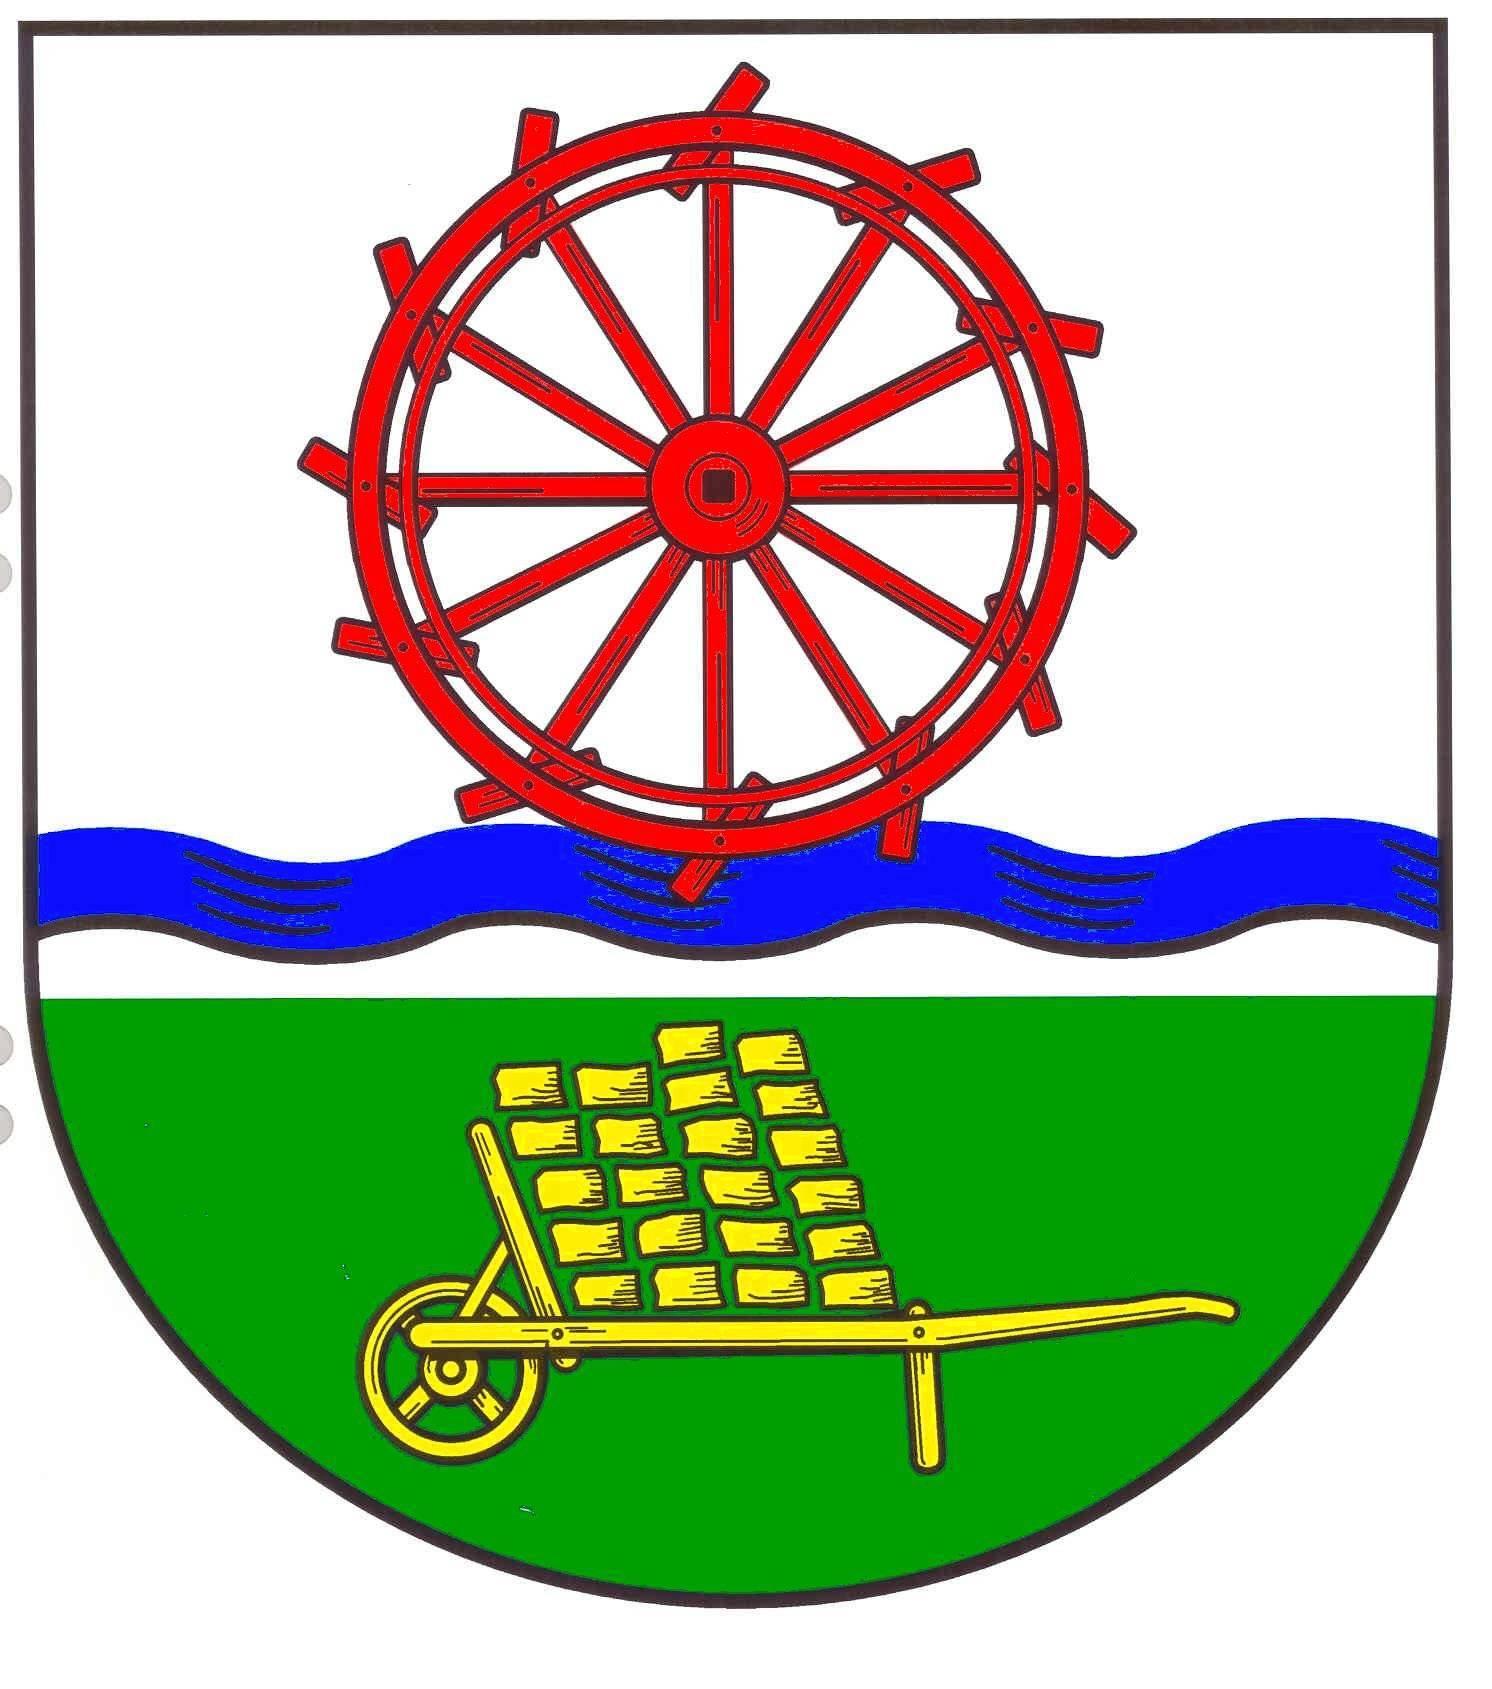 Wappen GemeindeBimöhlen, Kreis Segeberg